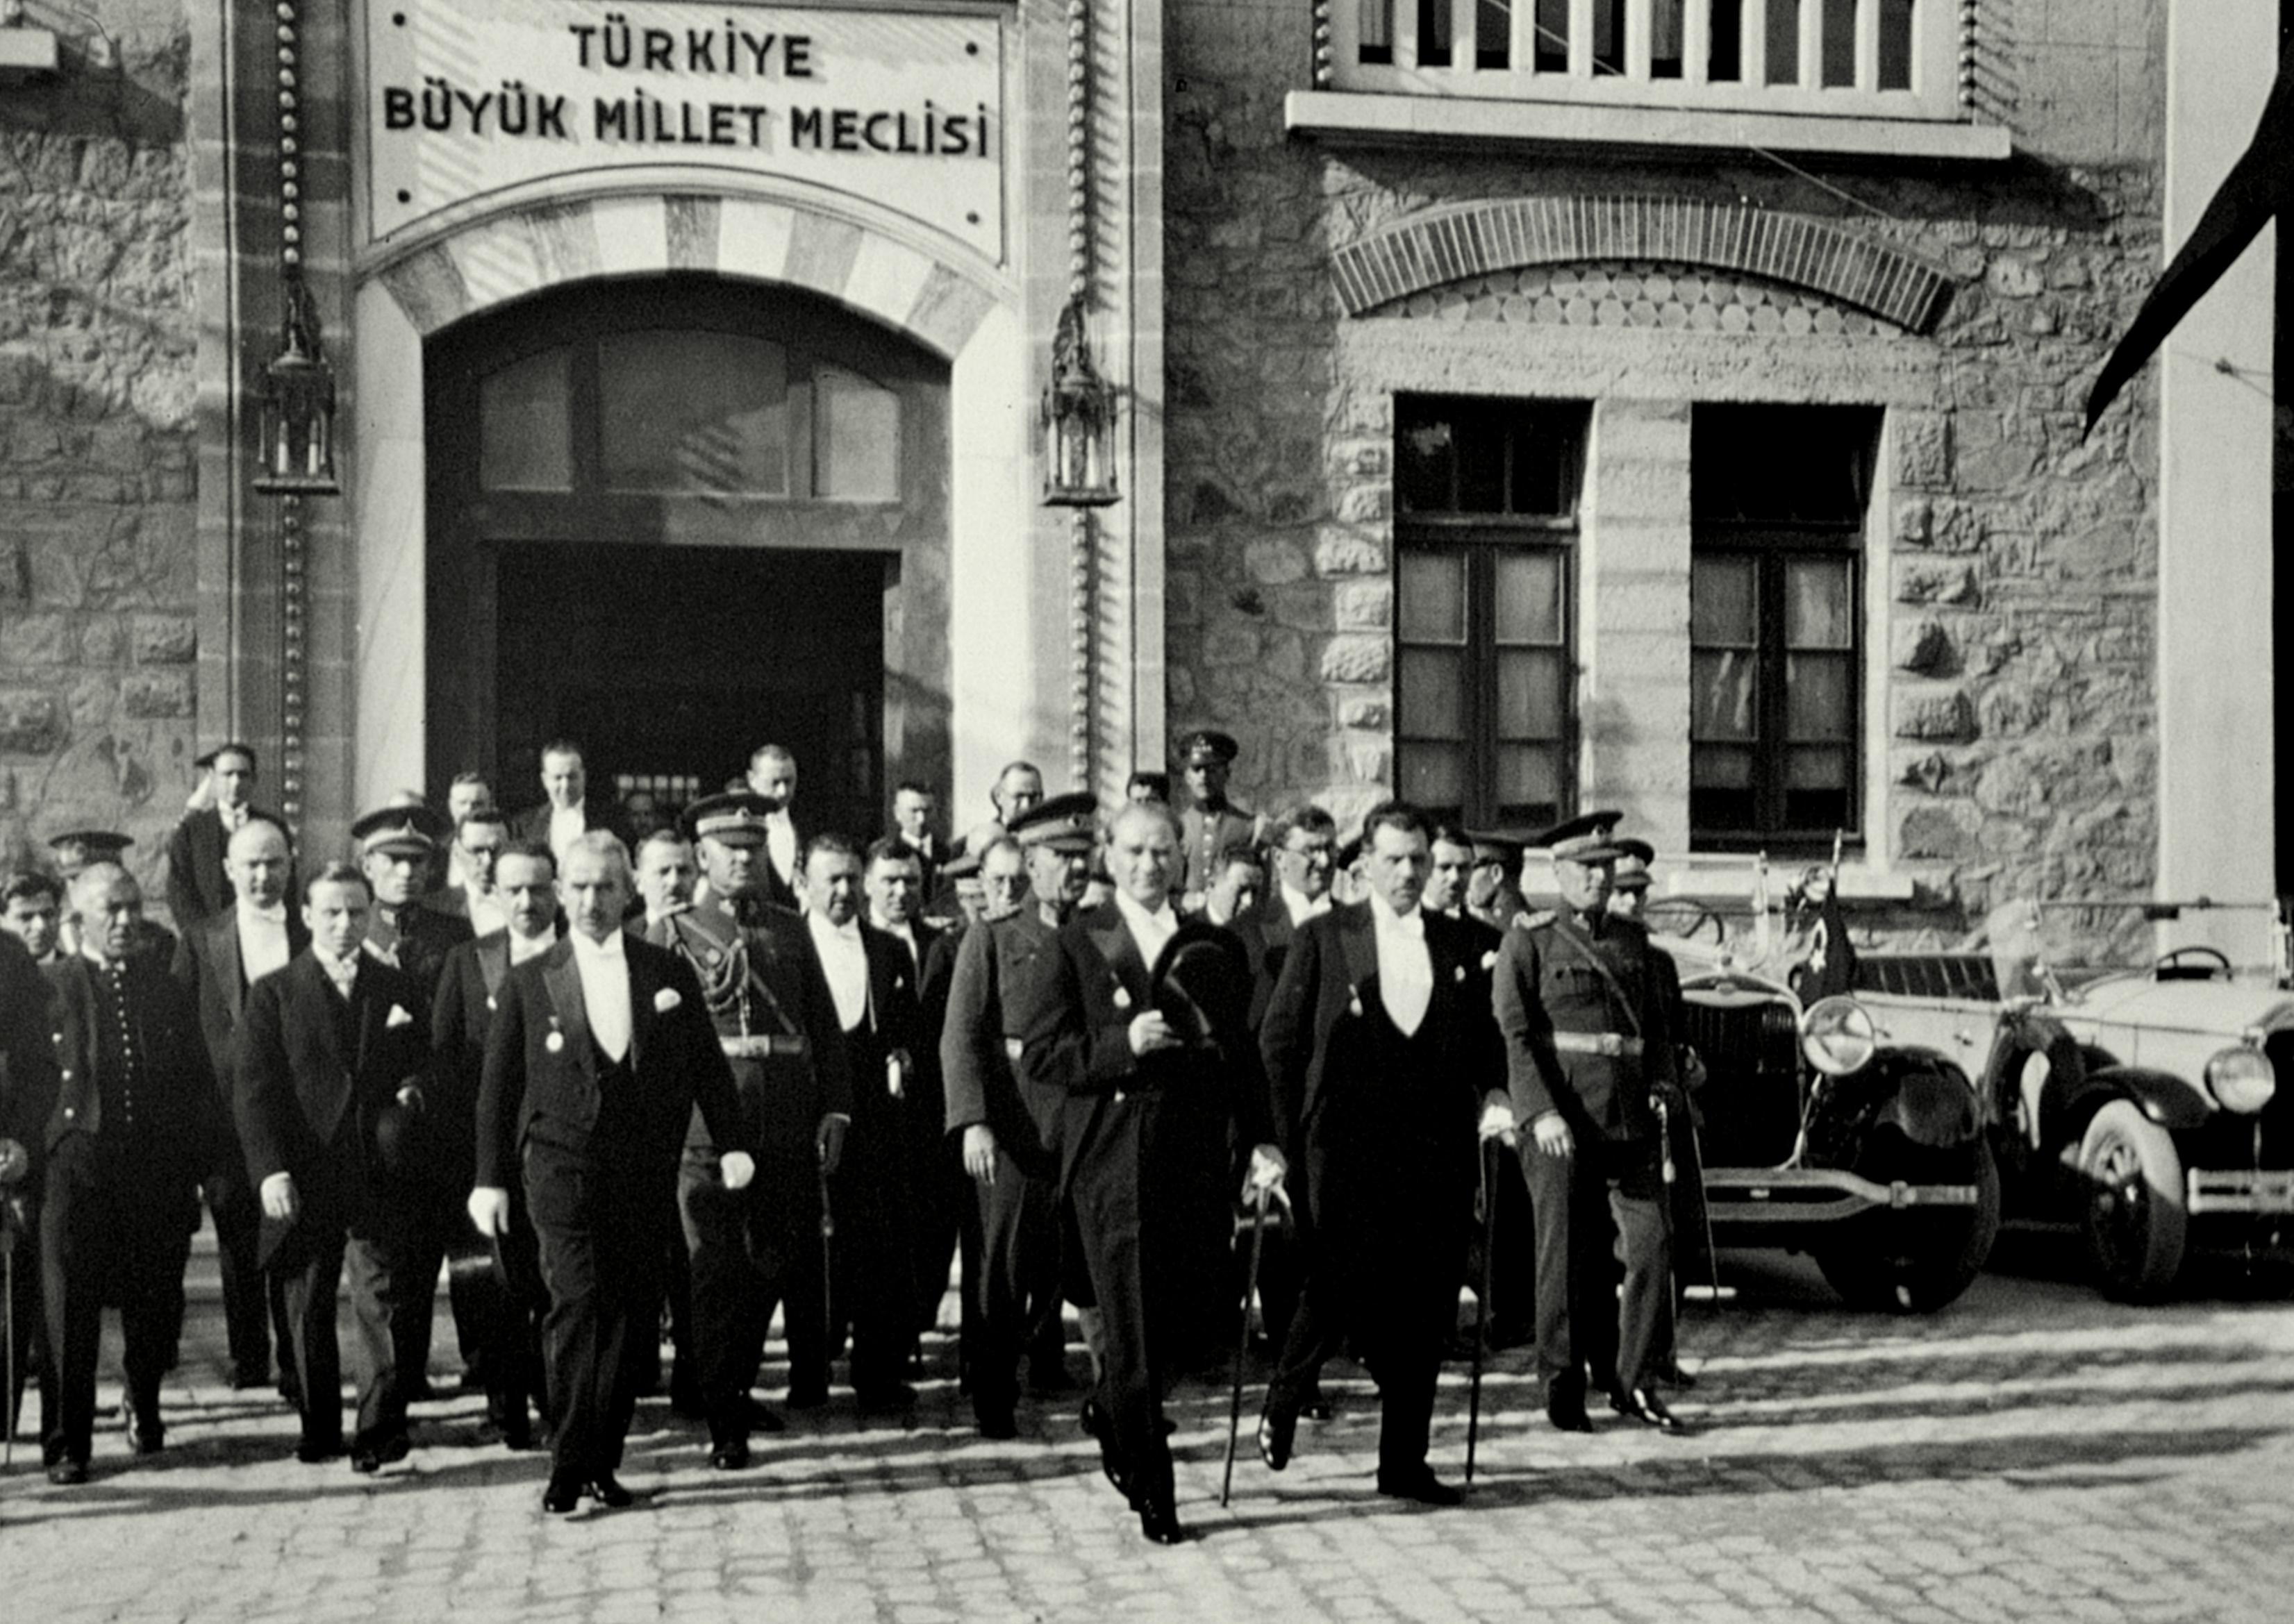 Atatürkün Gecesini Gündüzüne Kattığı Uğrunda Büyük Kavgalar Verdiği Kadın Hakları Mücadelesi 77